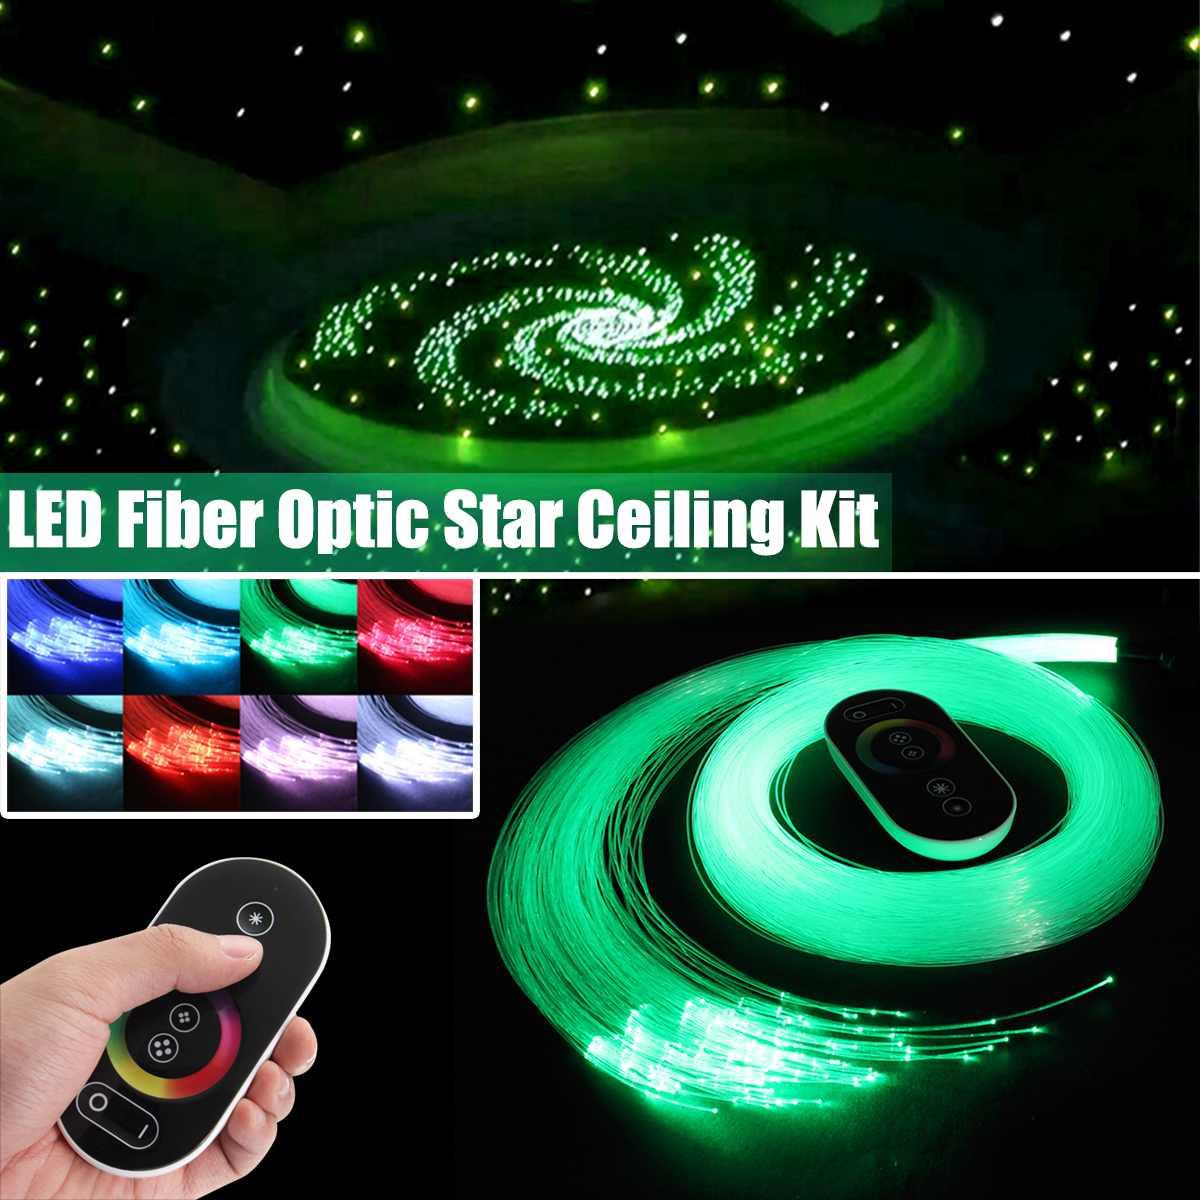 12 V 6 W RGB LED Fiber optique étoile plafond moteur ciel plafond Kit lumière 150 pièces 0.75 m 2 m Fiber optique scintillant + 28 clé sans fil RF